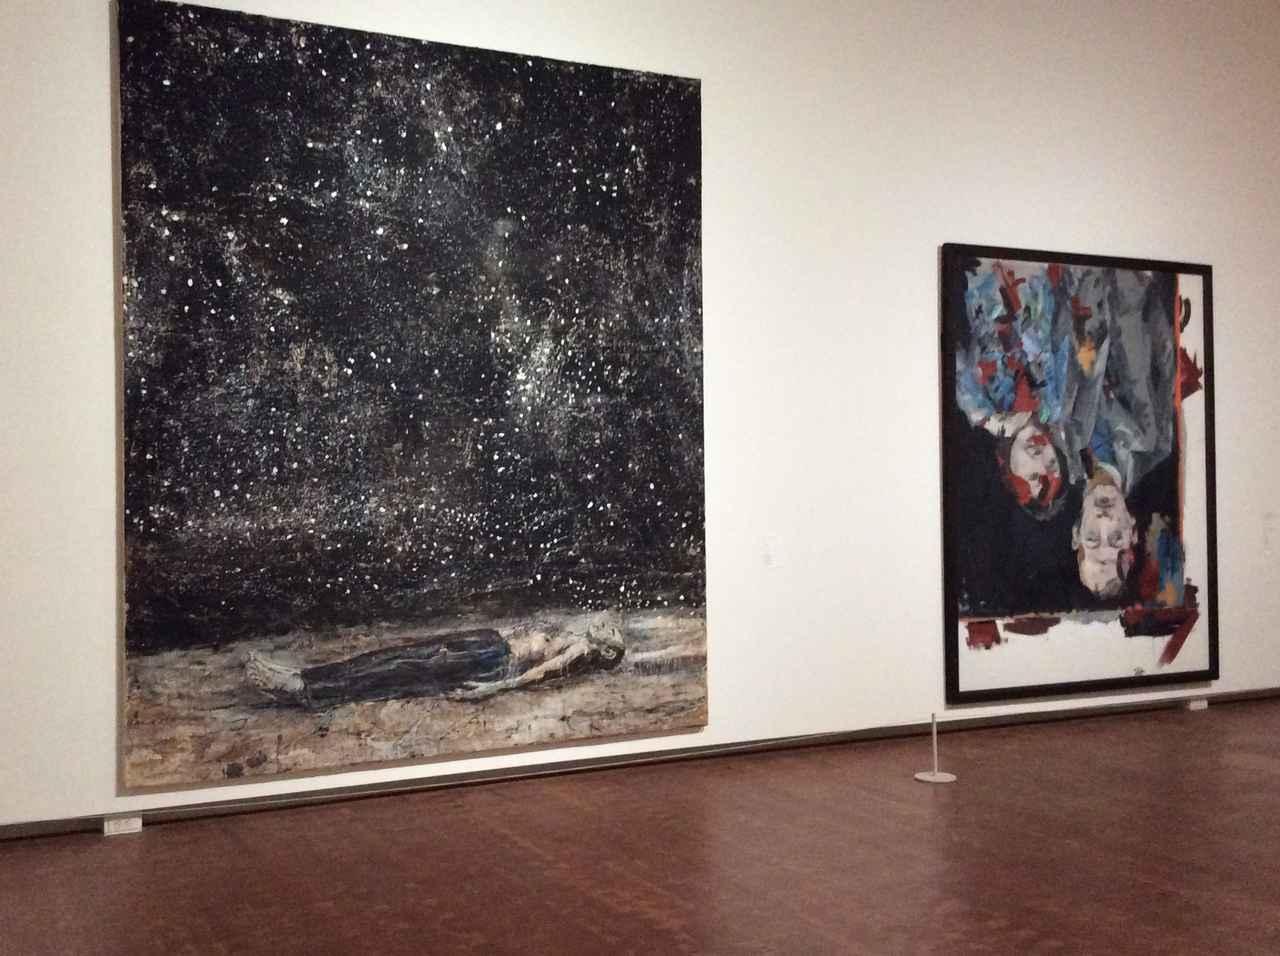 画像: 左)アンゼルム・キーファー《星空》1995年 右)ゲオルク・バゼリッツ《ケーニッヒ夫妻の肖像》1970-71年 photo©︎cinefil